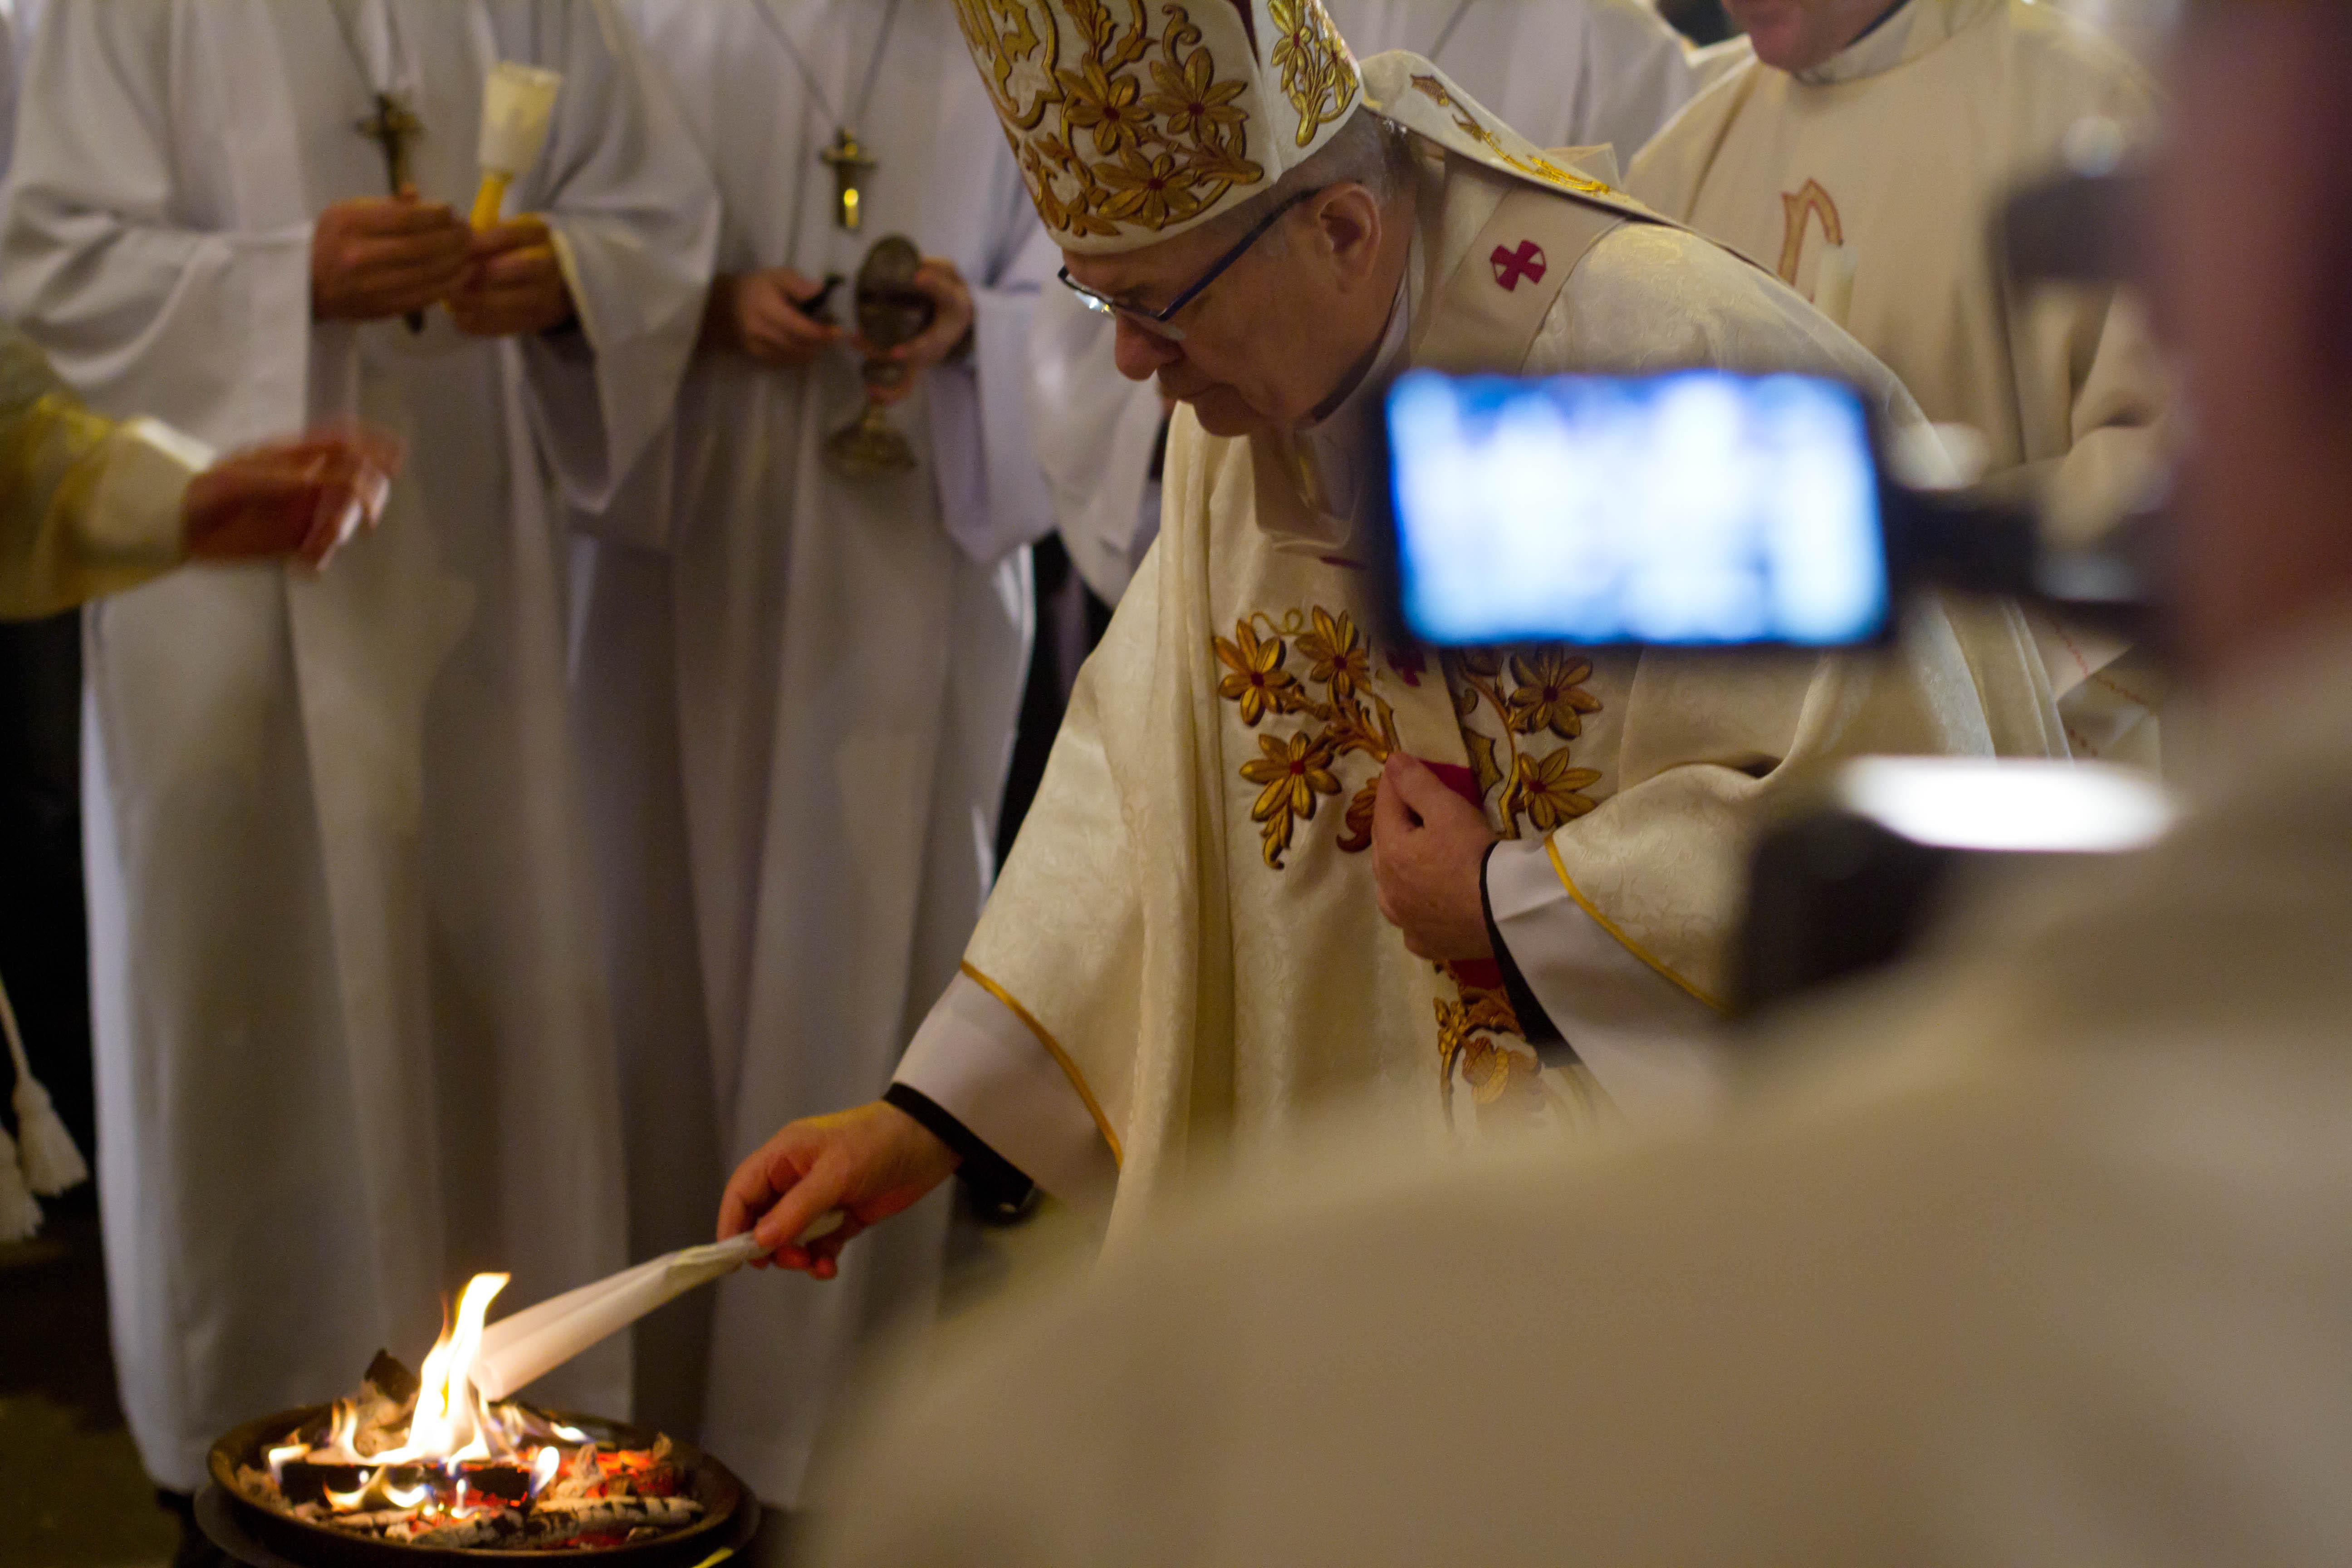 Paştele catolic 2021, restricţii ridicate. Credincioşii merg sâmbătă noapte la Slujba de Paşti. Programul bisericilor